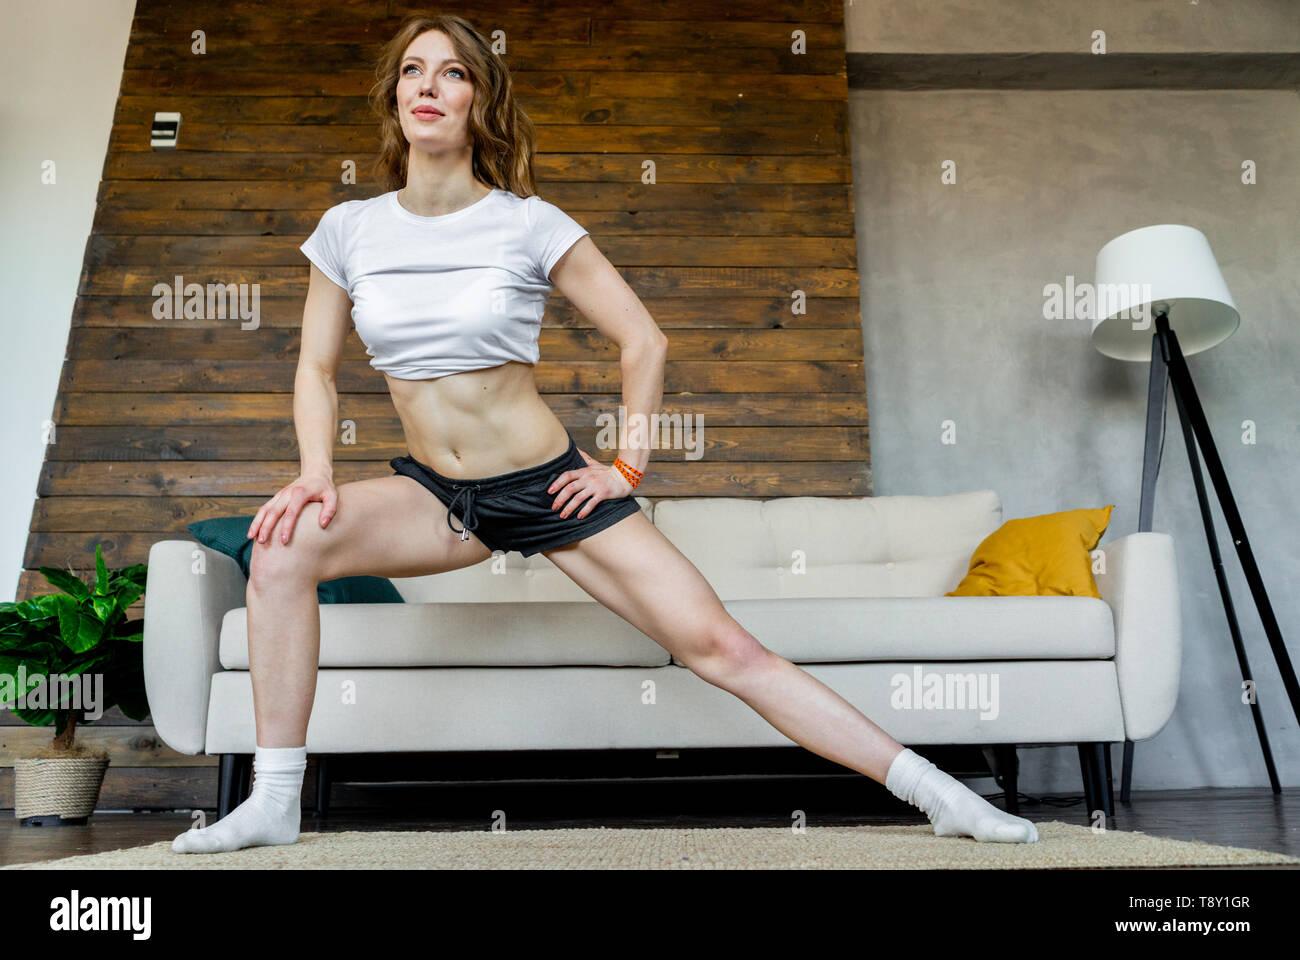 Junge blonde Frau zu tun stretching Yoga Übungen zu Hause. Gesunde Lebensweise. Stockfoto